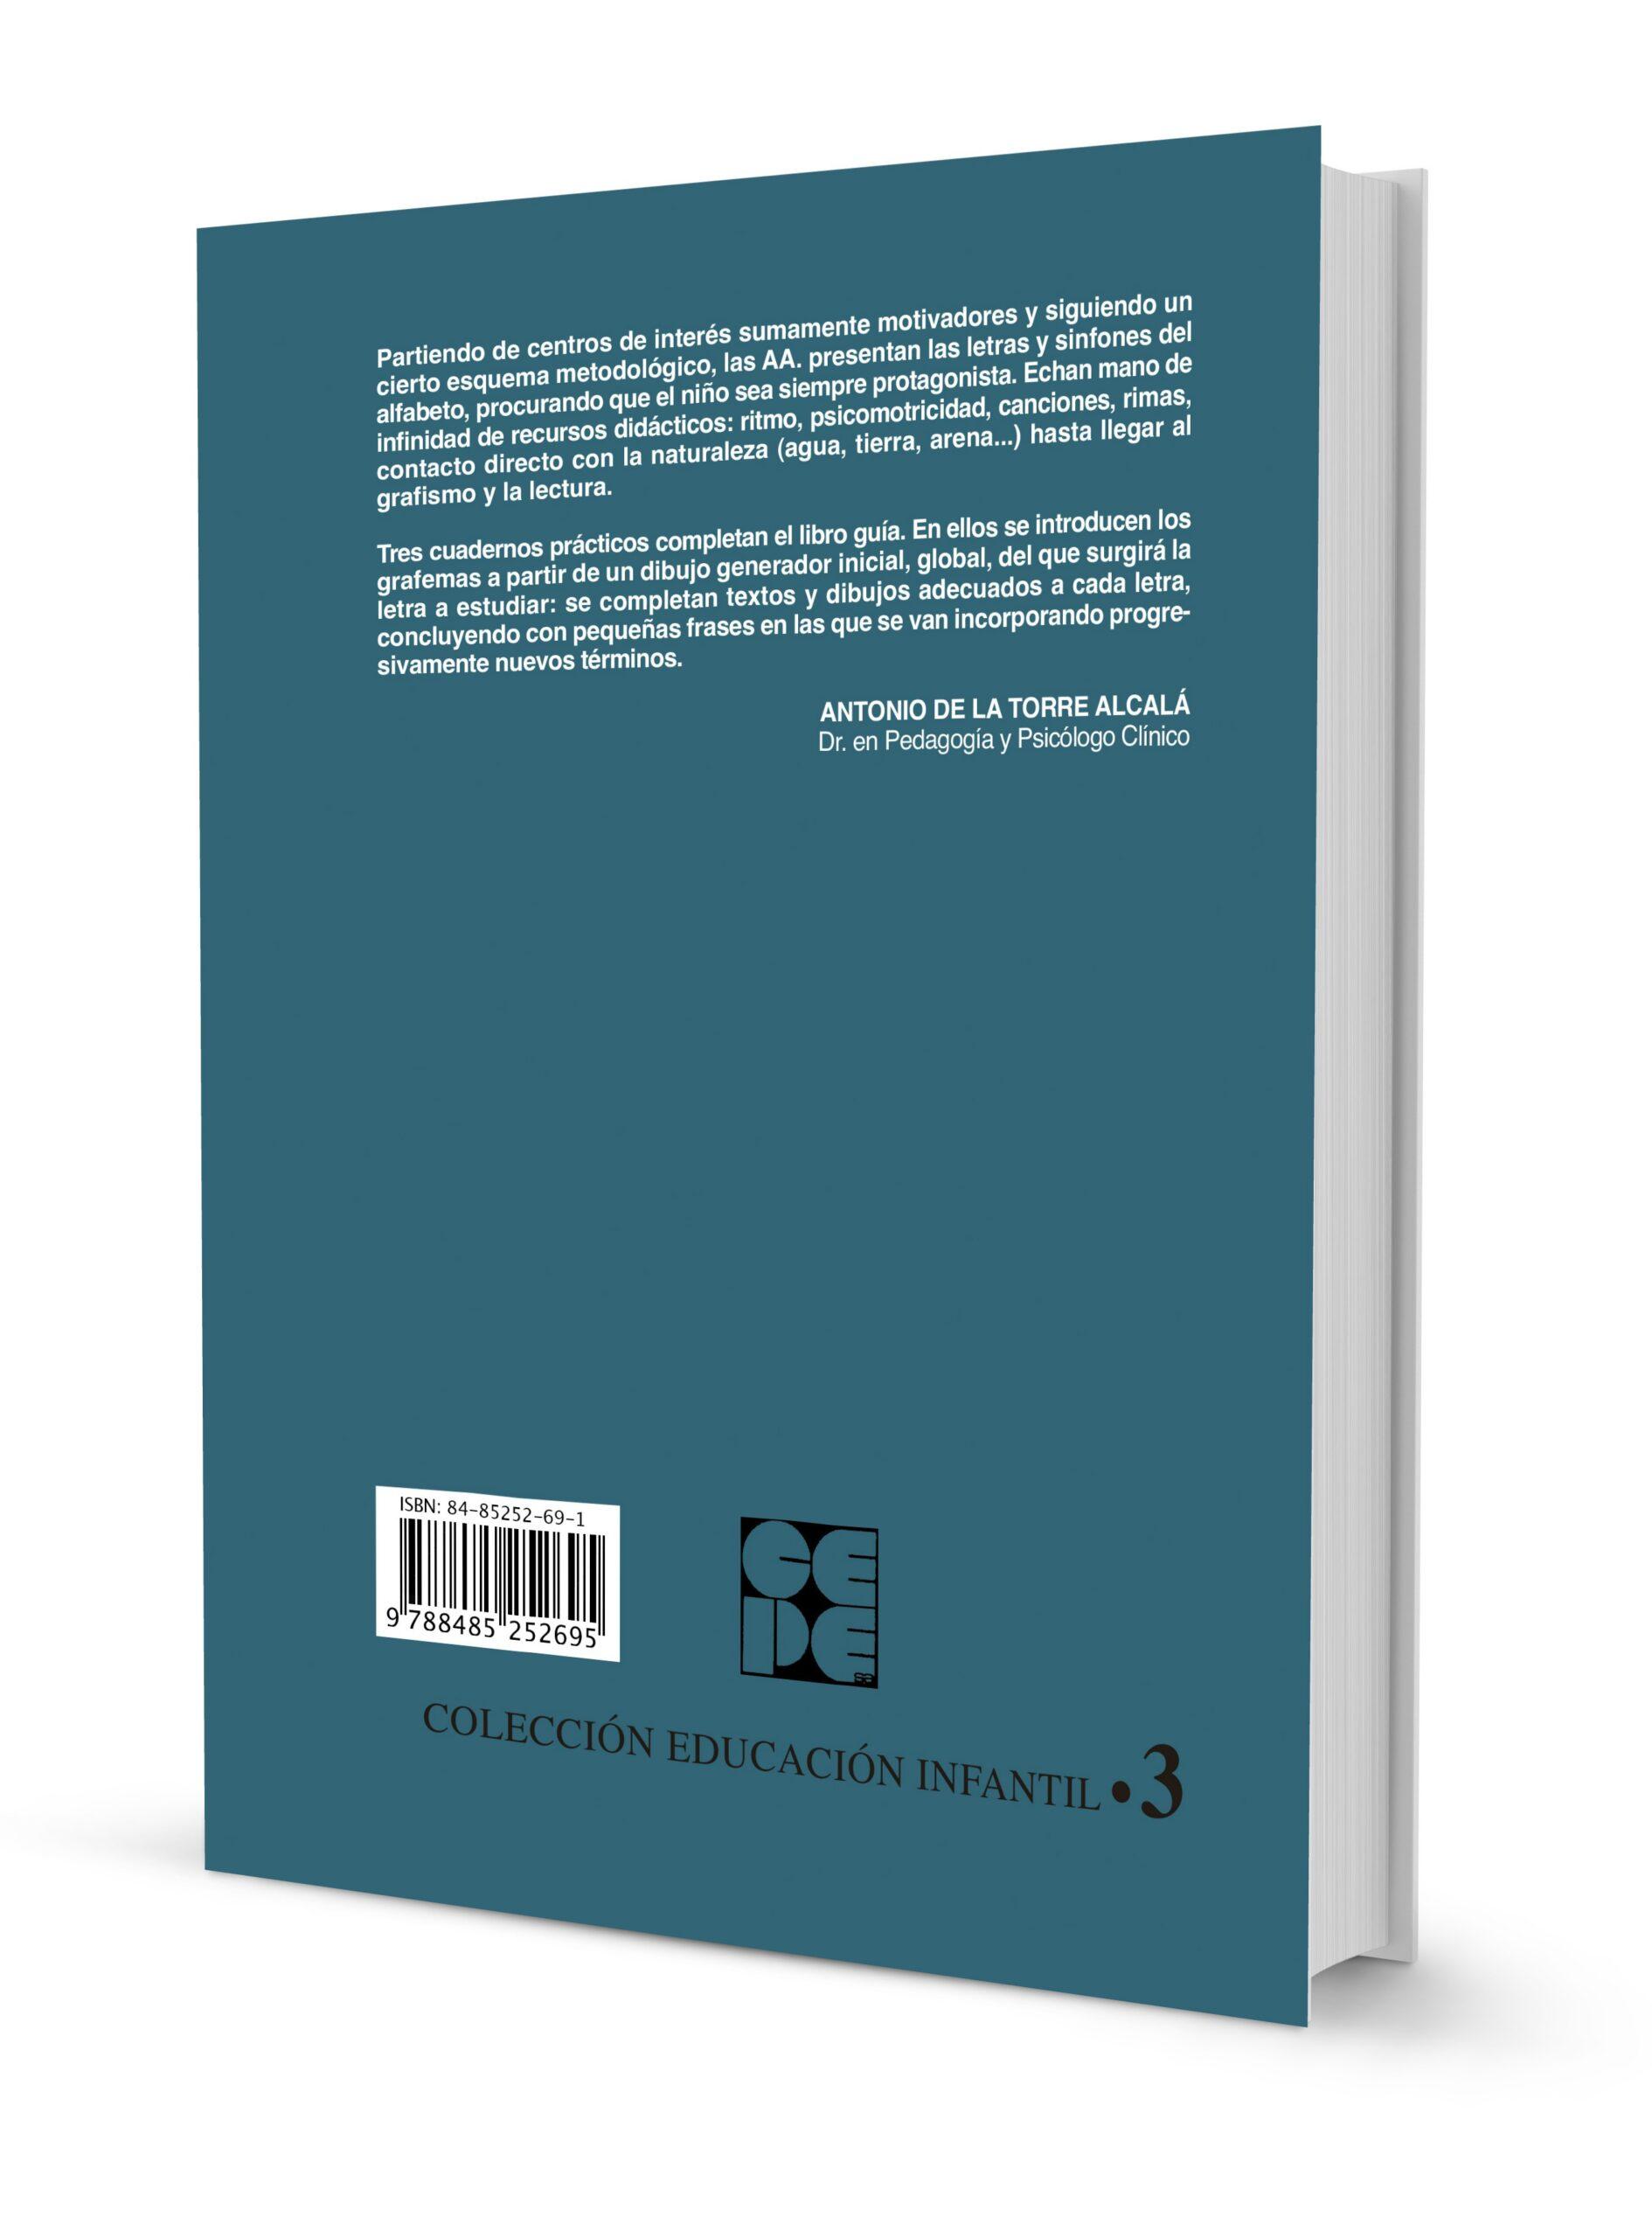 Manual Vivencias. Método sensorio-motor para el aprendizaje de la lectoescritura